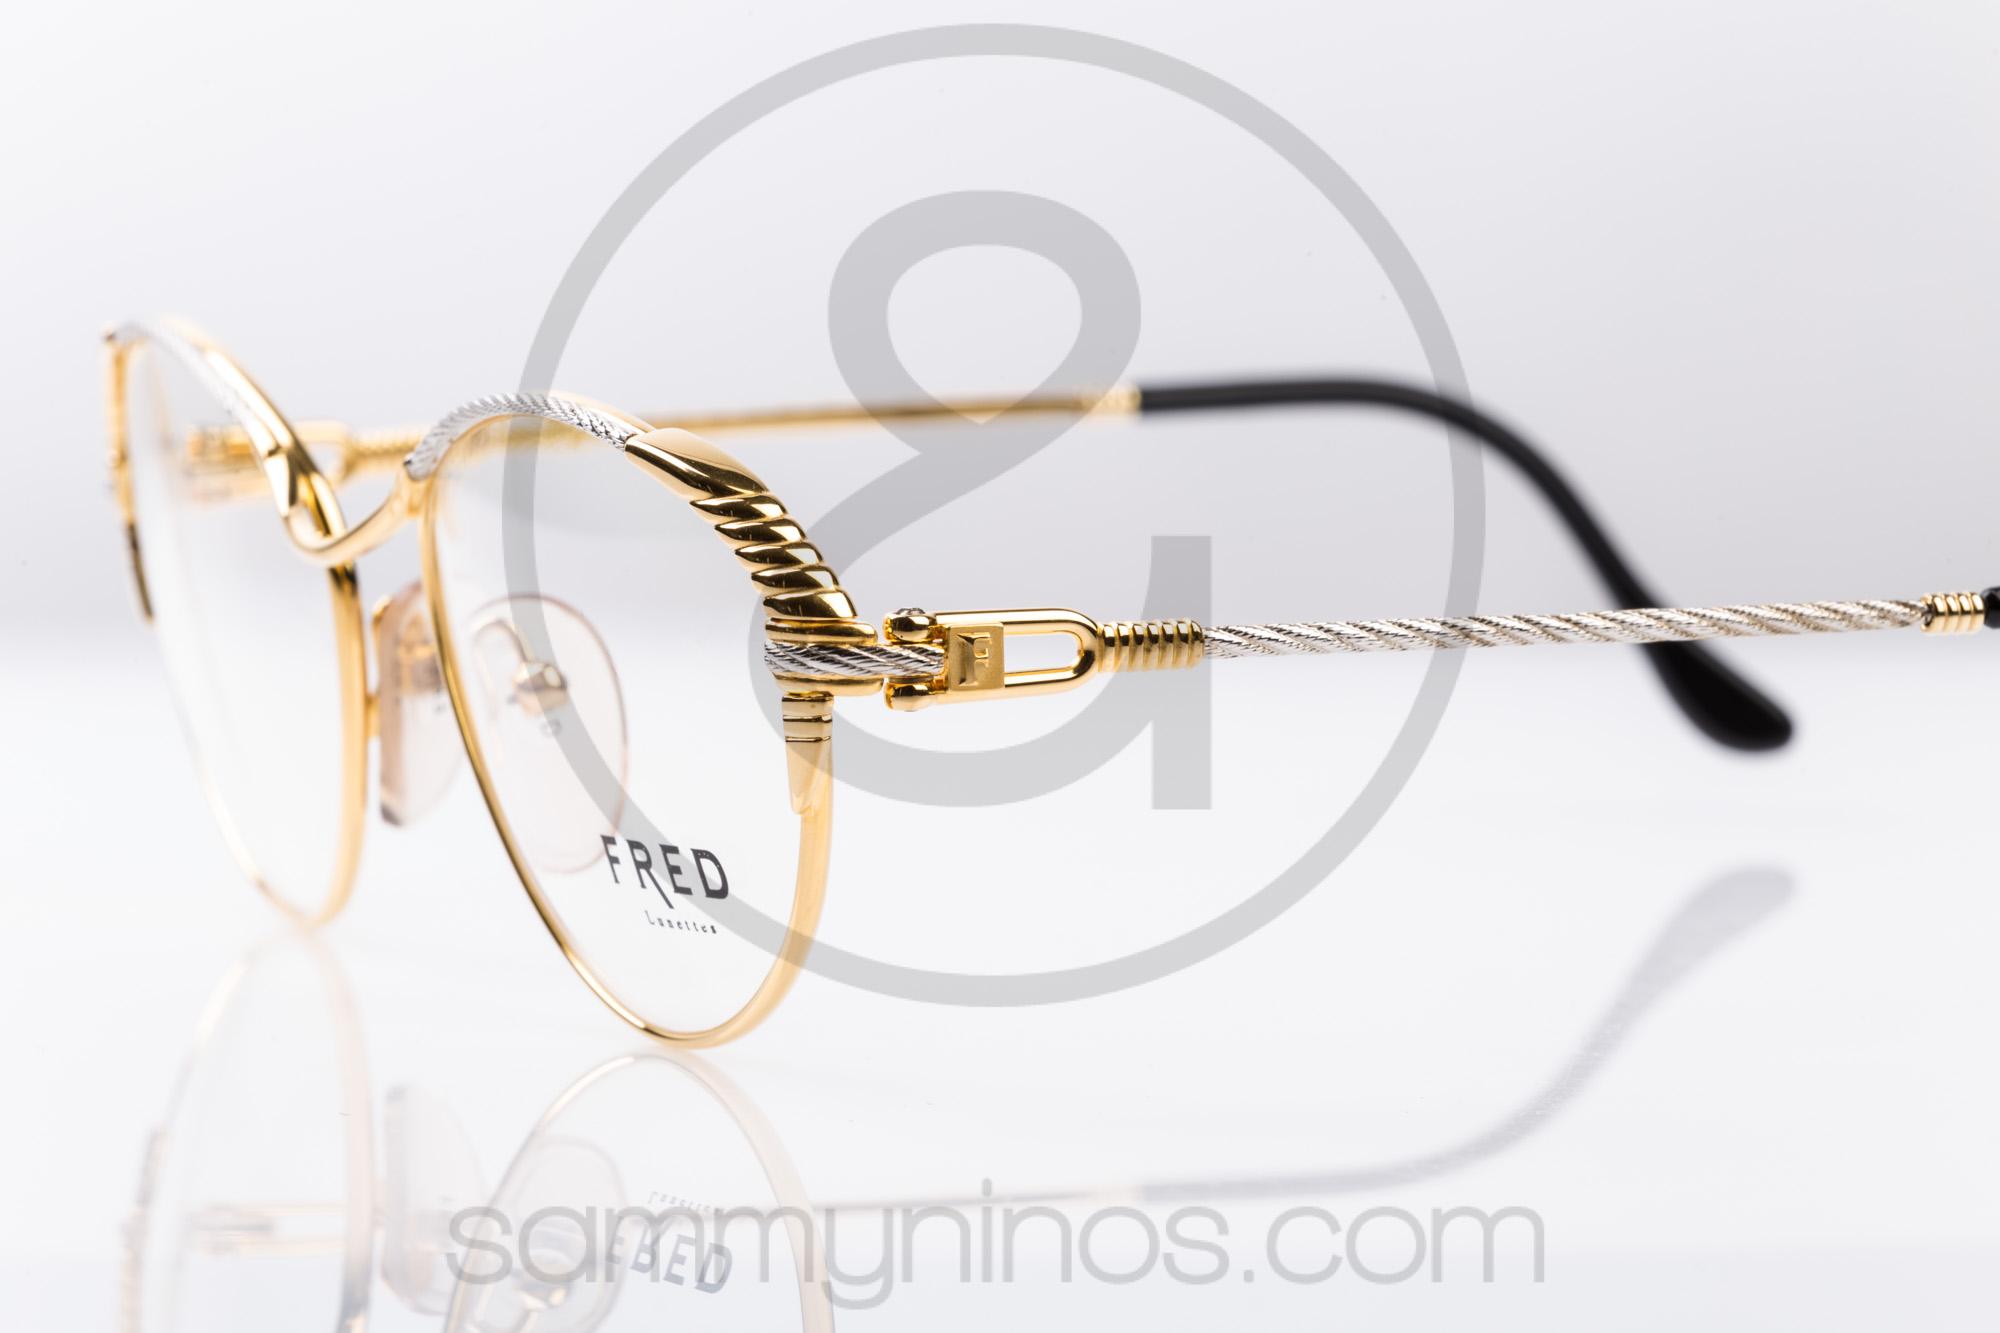 b11aefd292e103 Fred Goelette – Sammy   Nino s Store